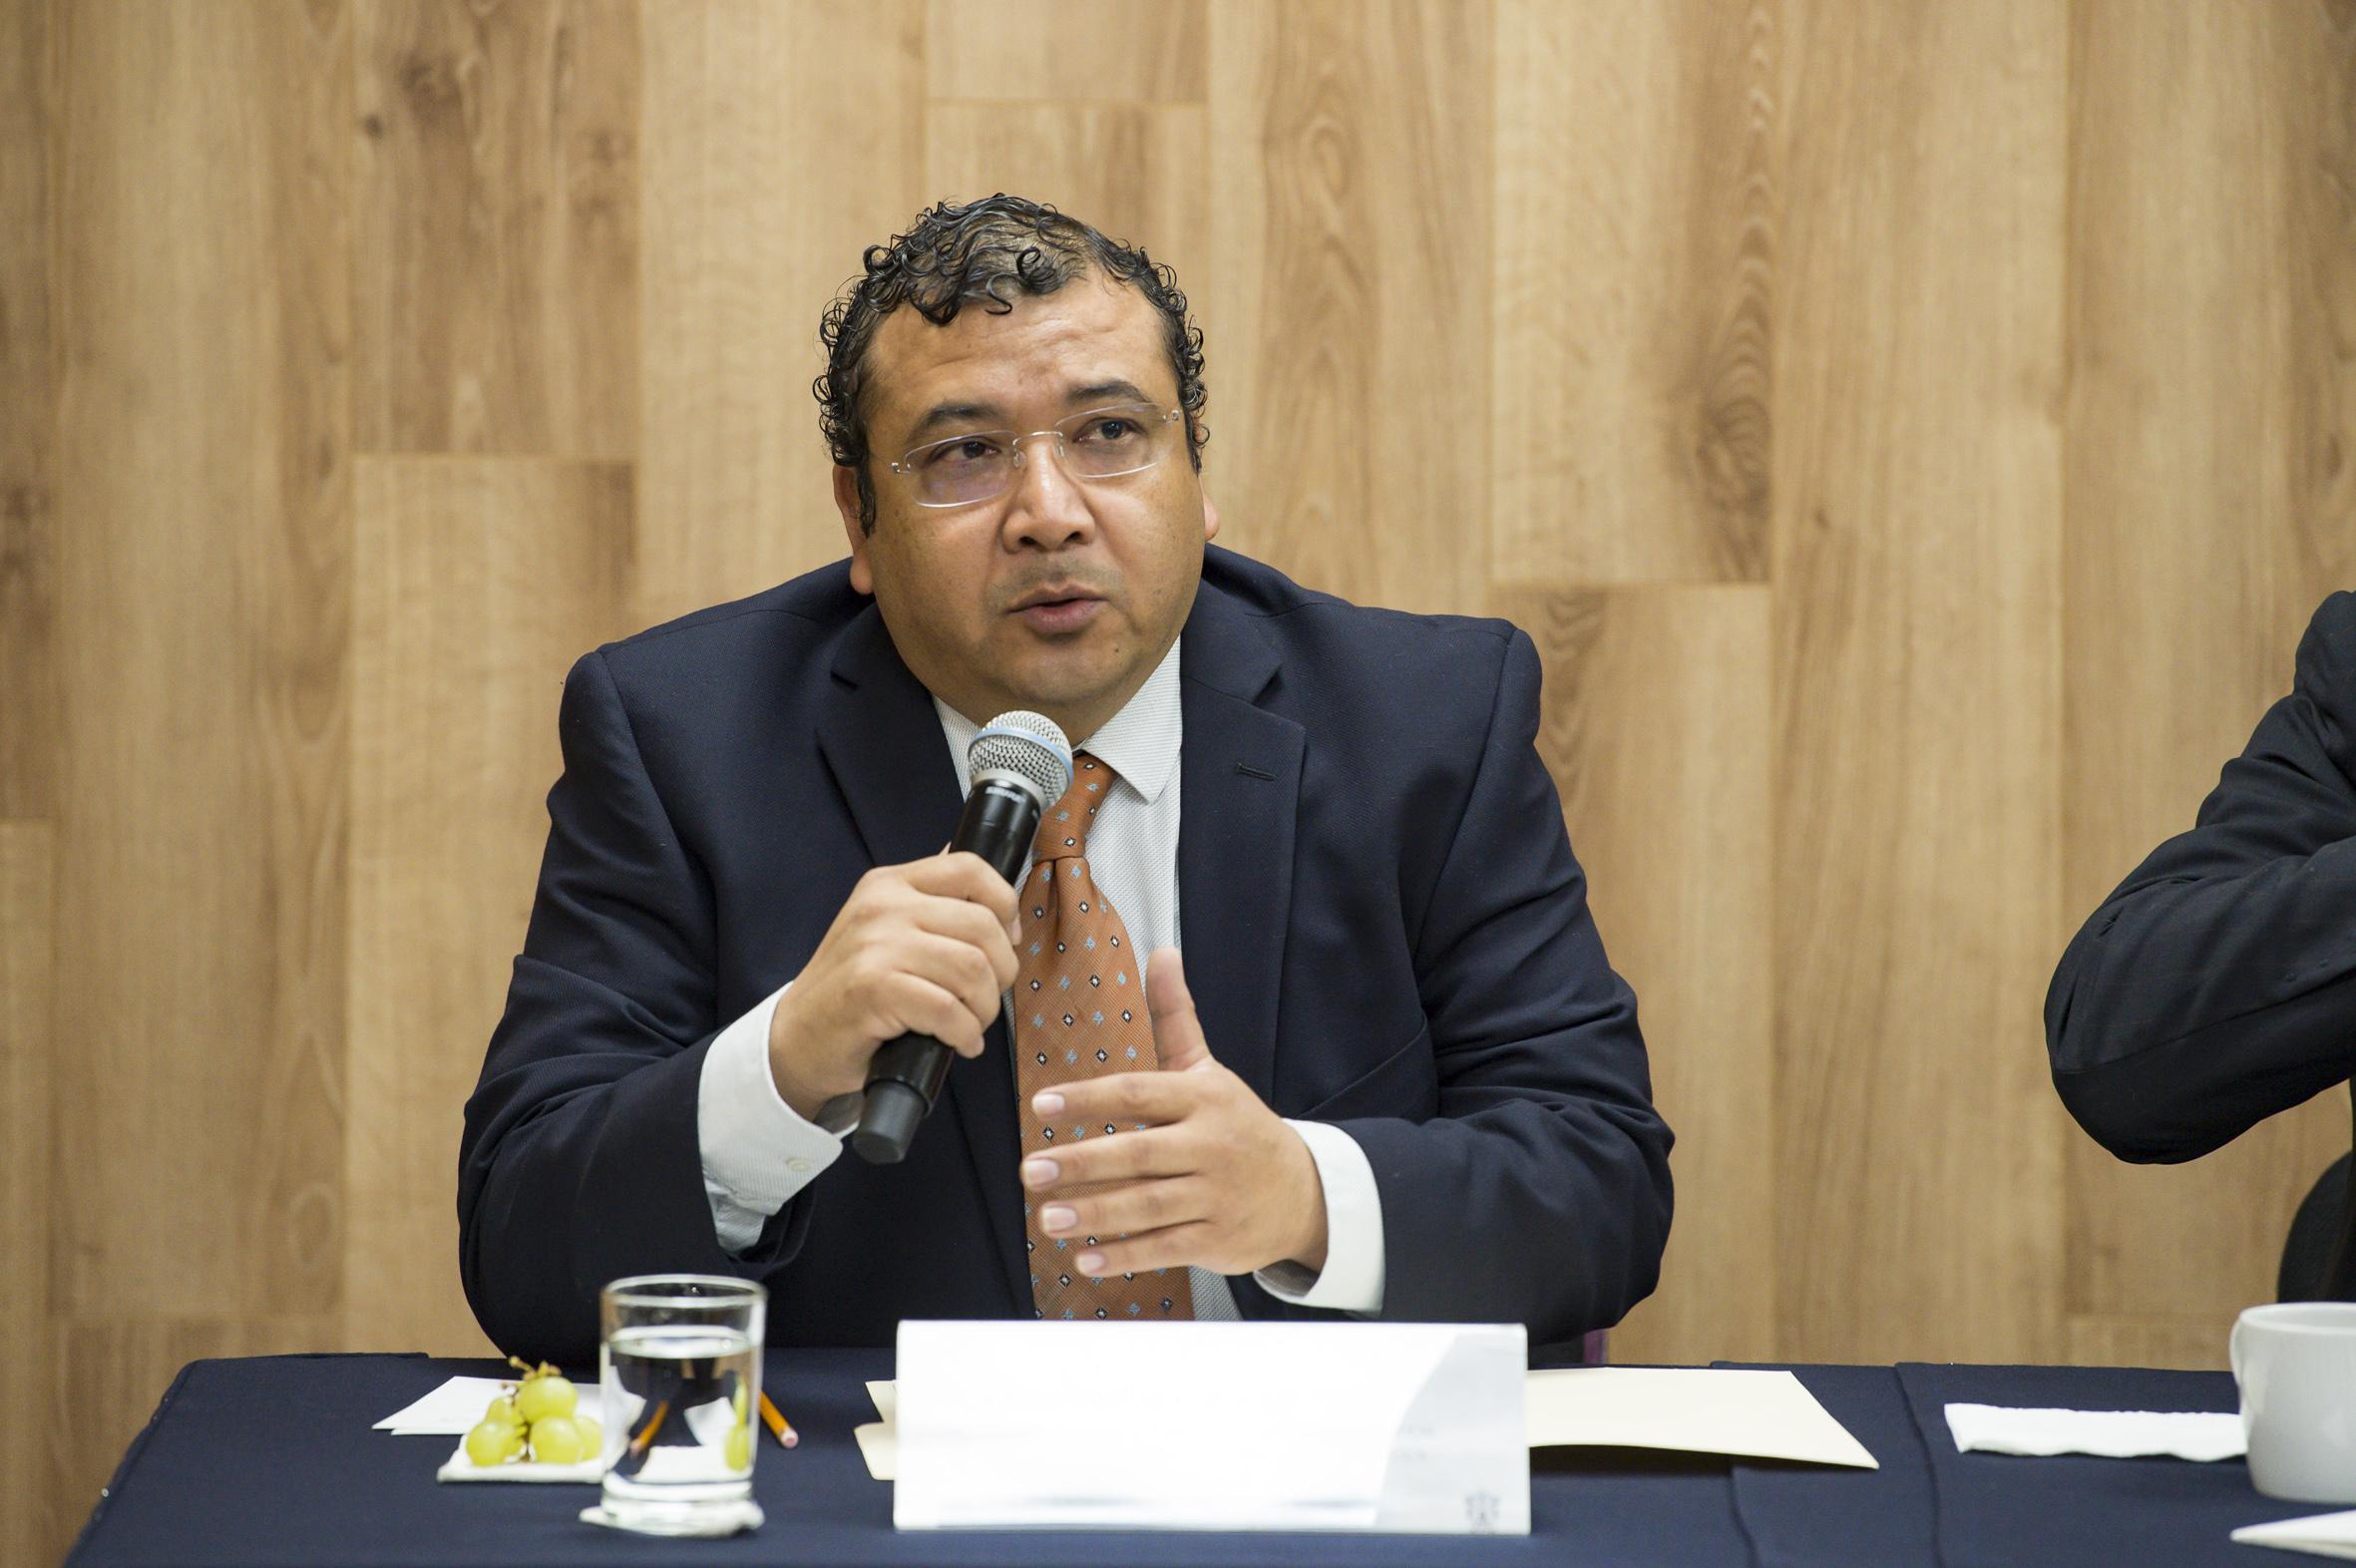 El doctor Gerardo Rojas hablando al micrófono desde su lugar en la mesa